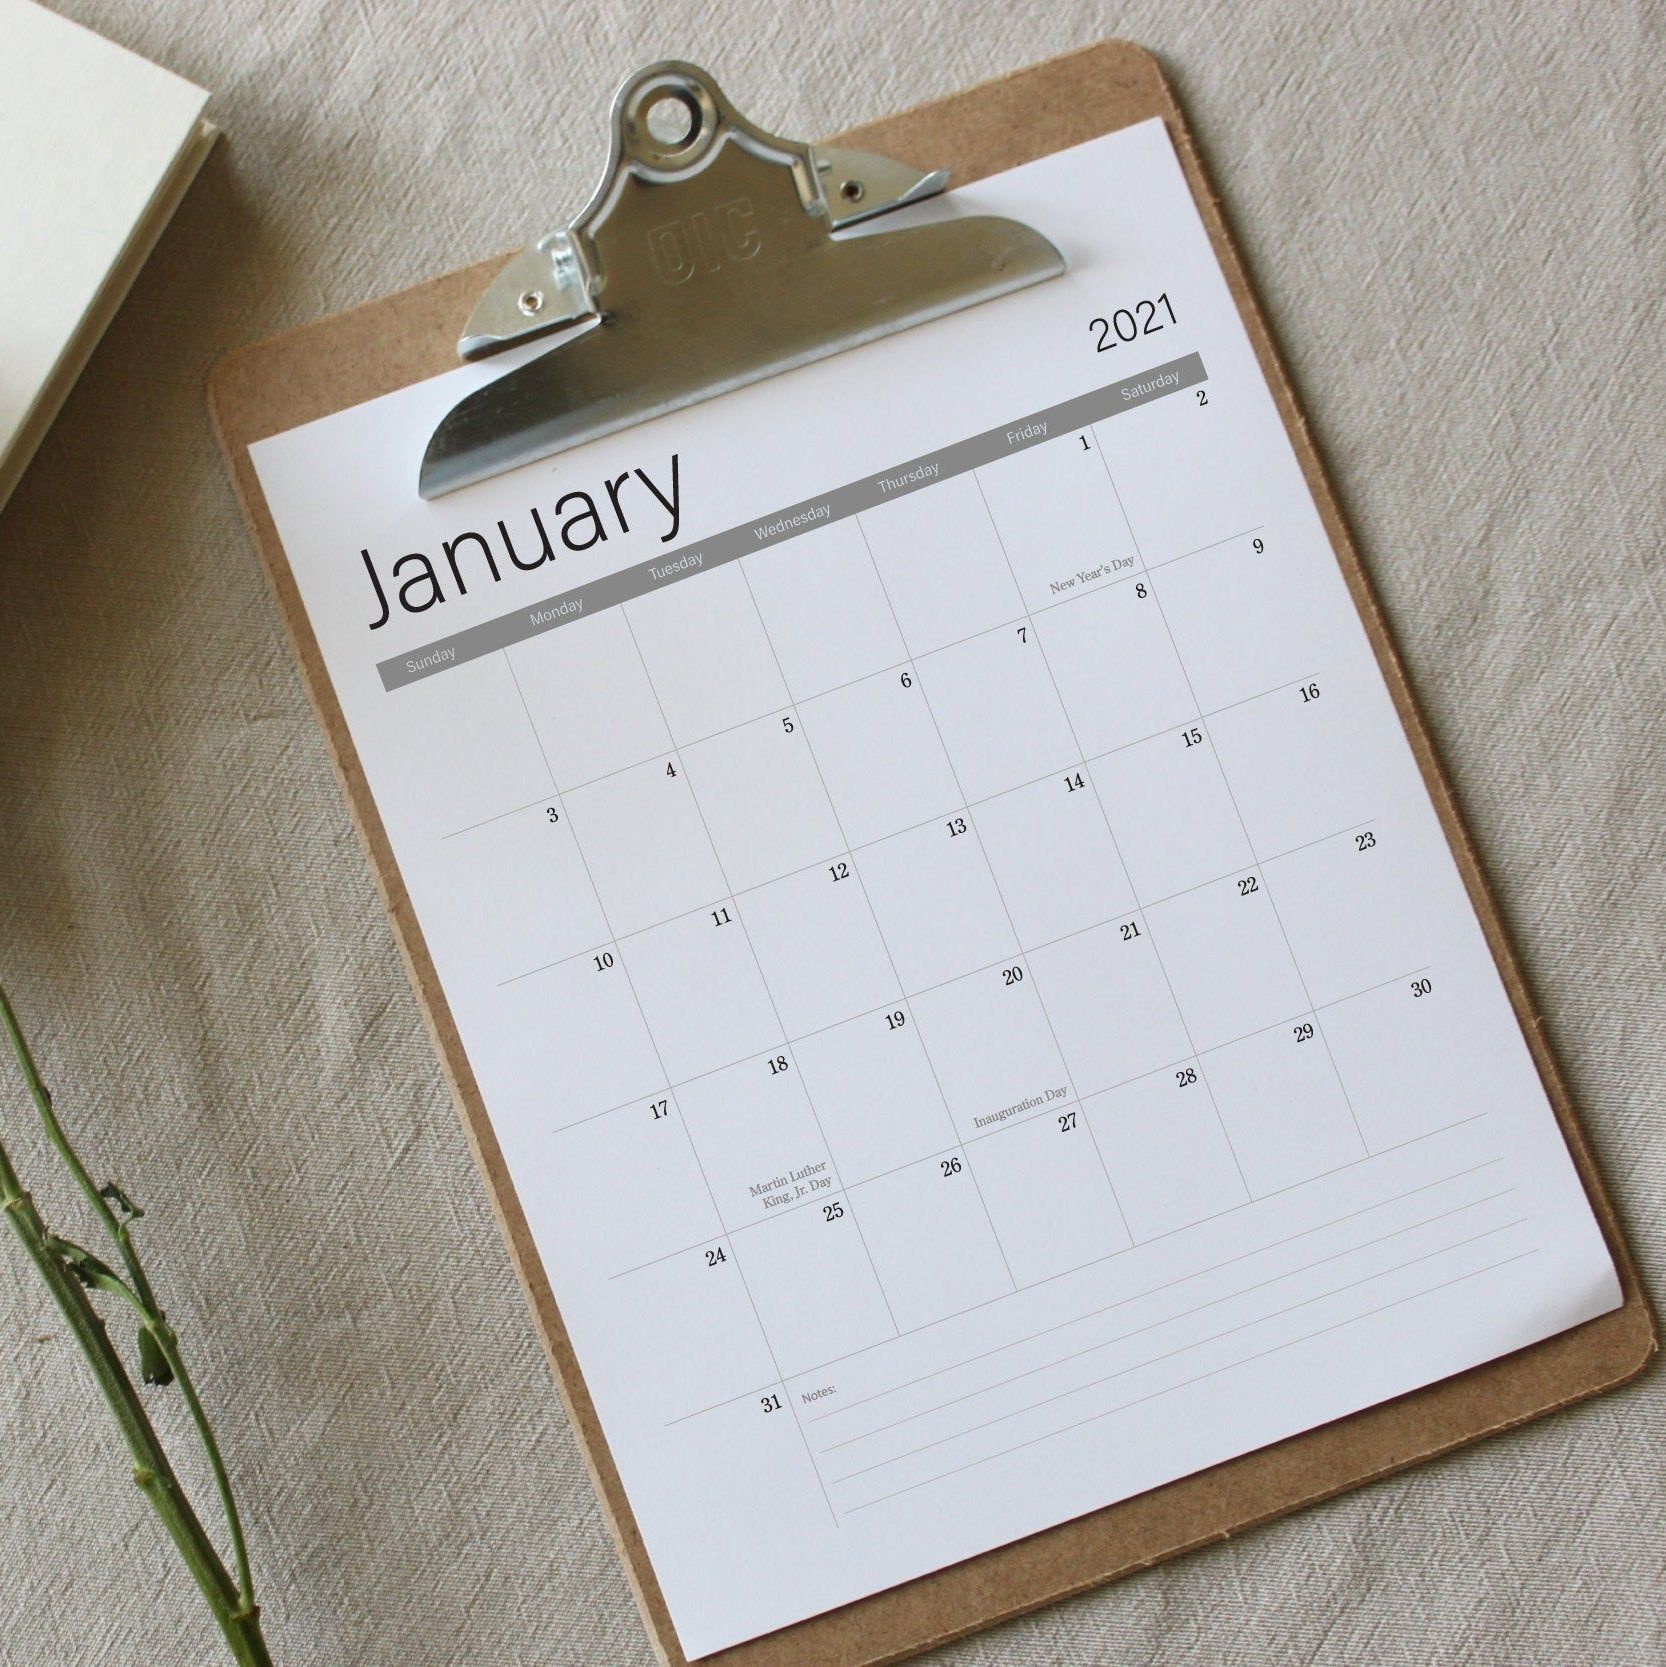 2021 Calendar Printable minimalist calendar 8.5 x 11 in ...